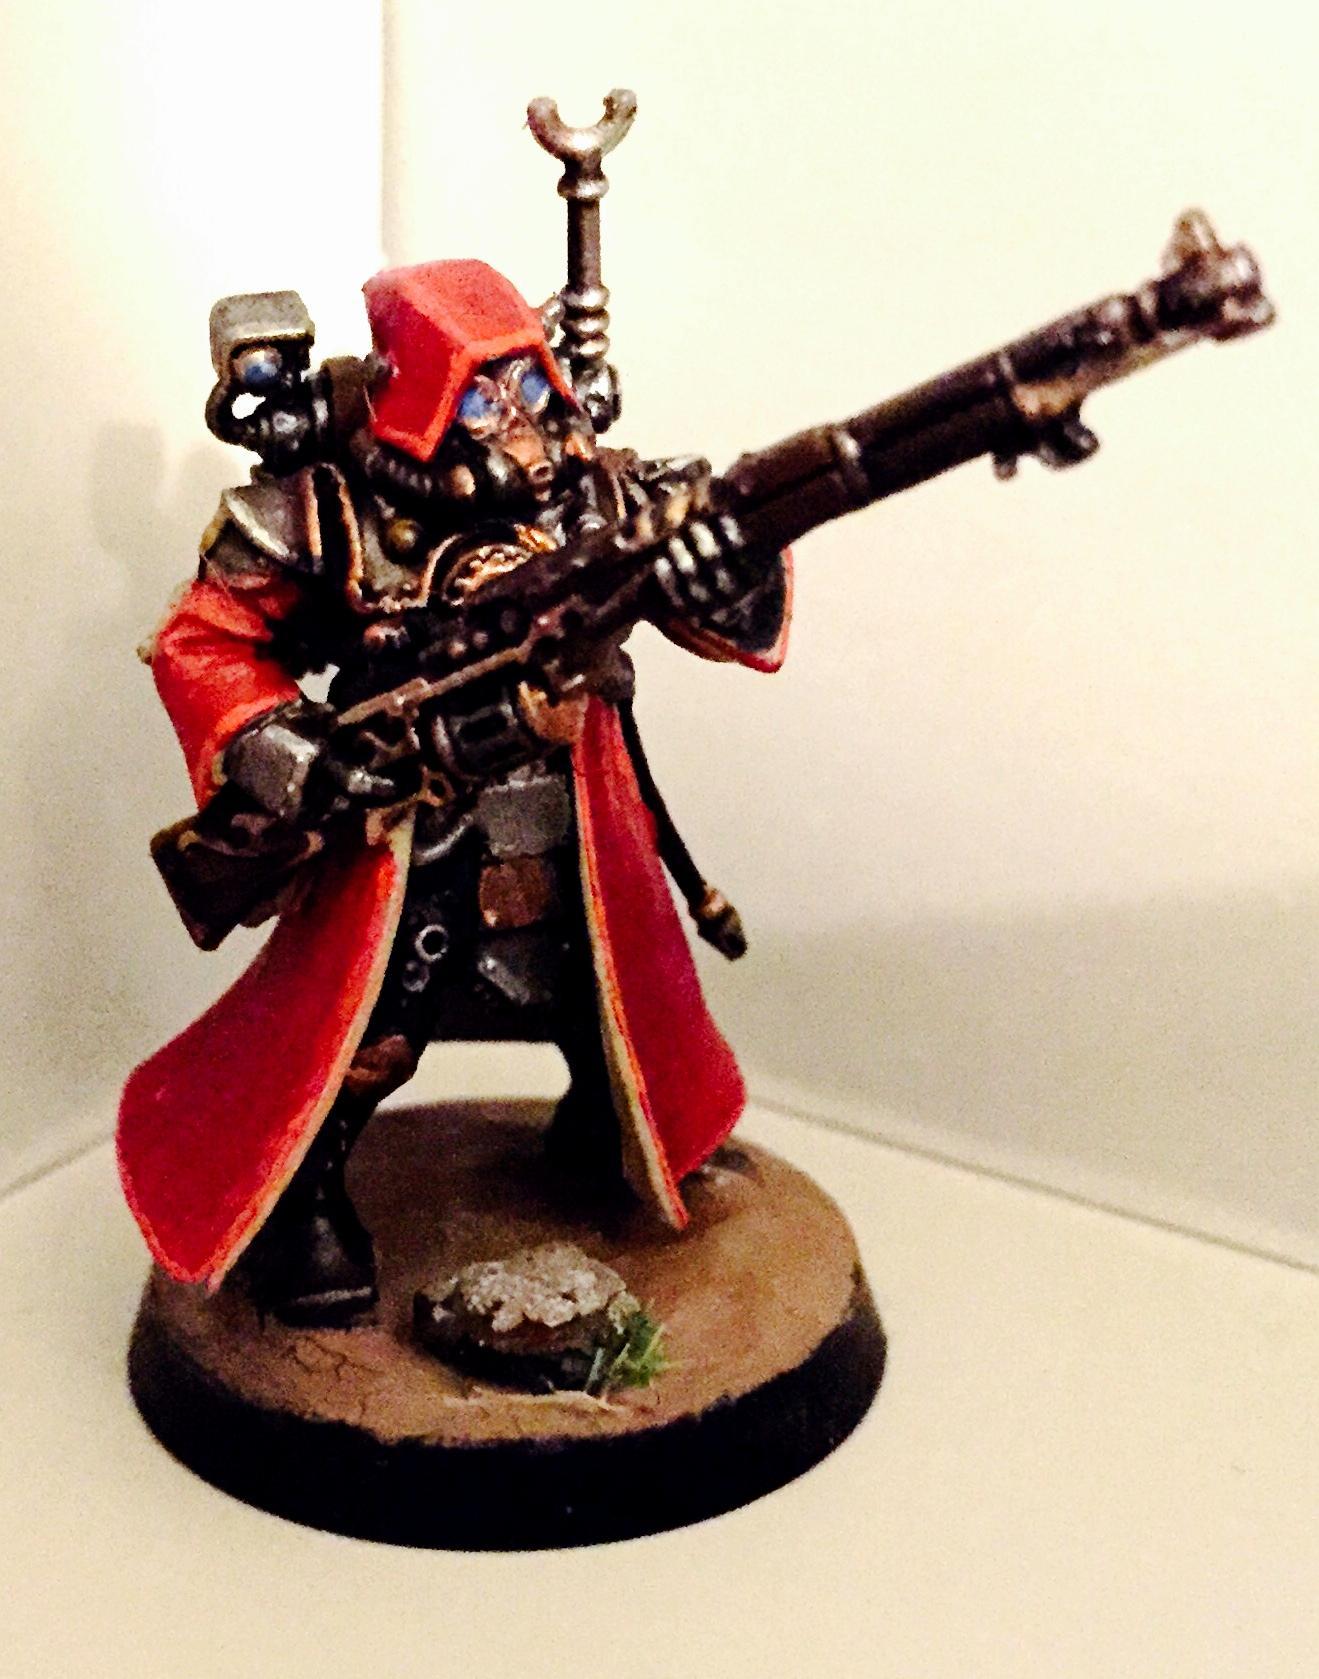 Adeptus Mechanicus. Mud, Gas Mask, Rangers, Skitarii, Skitarii Ranger